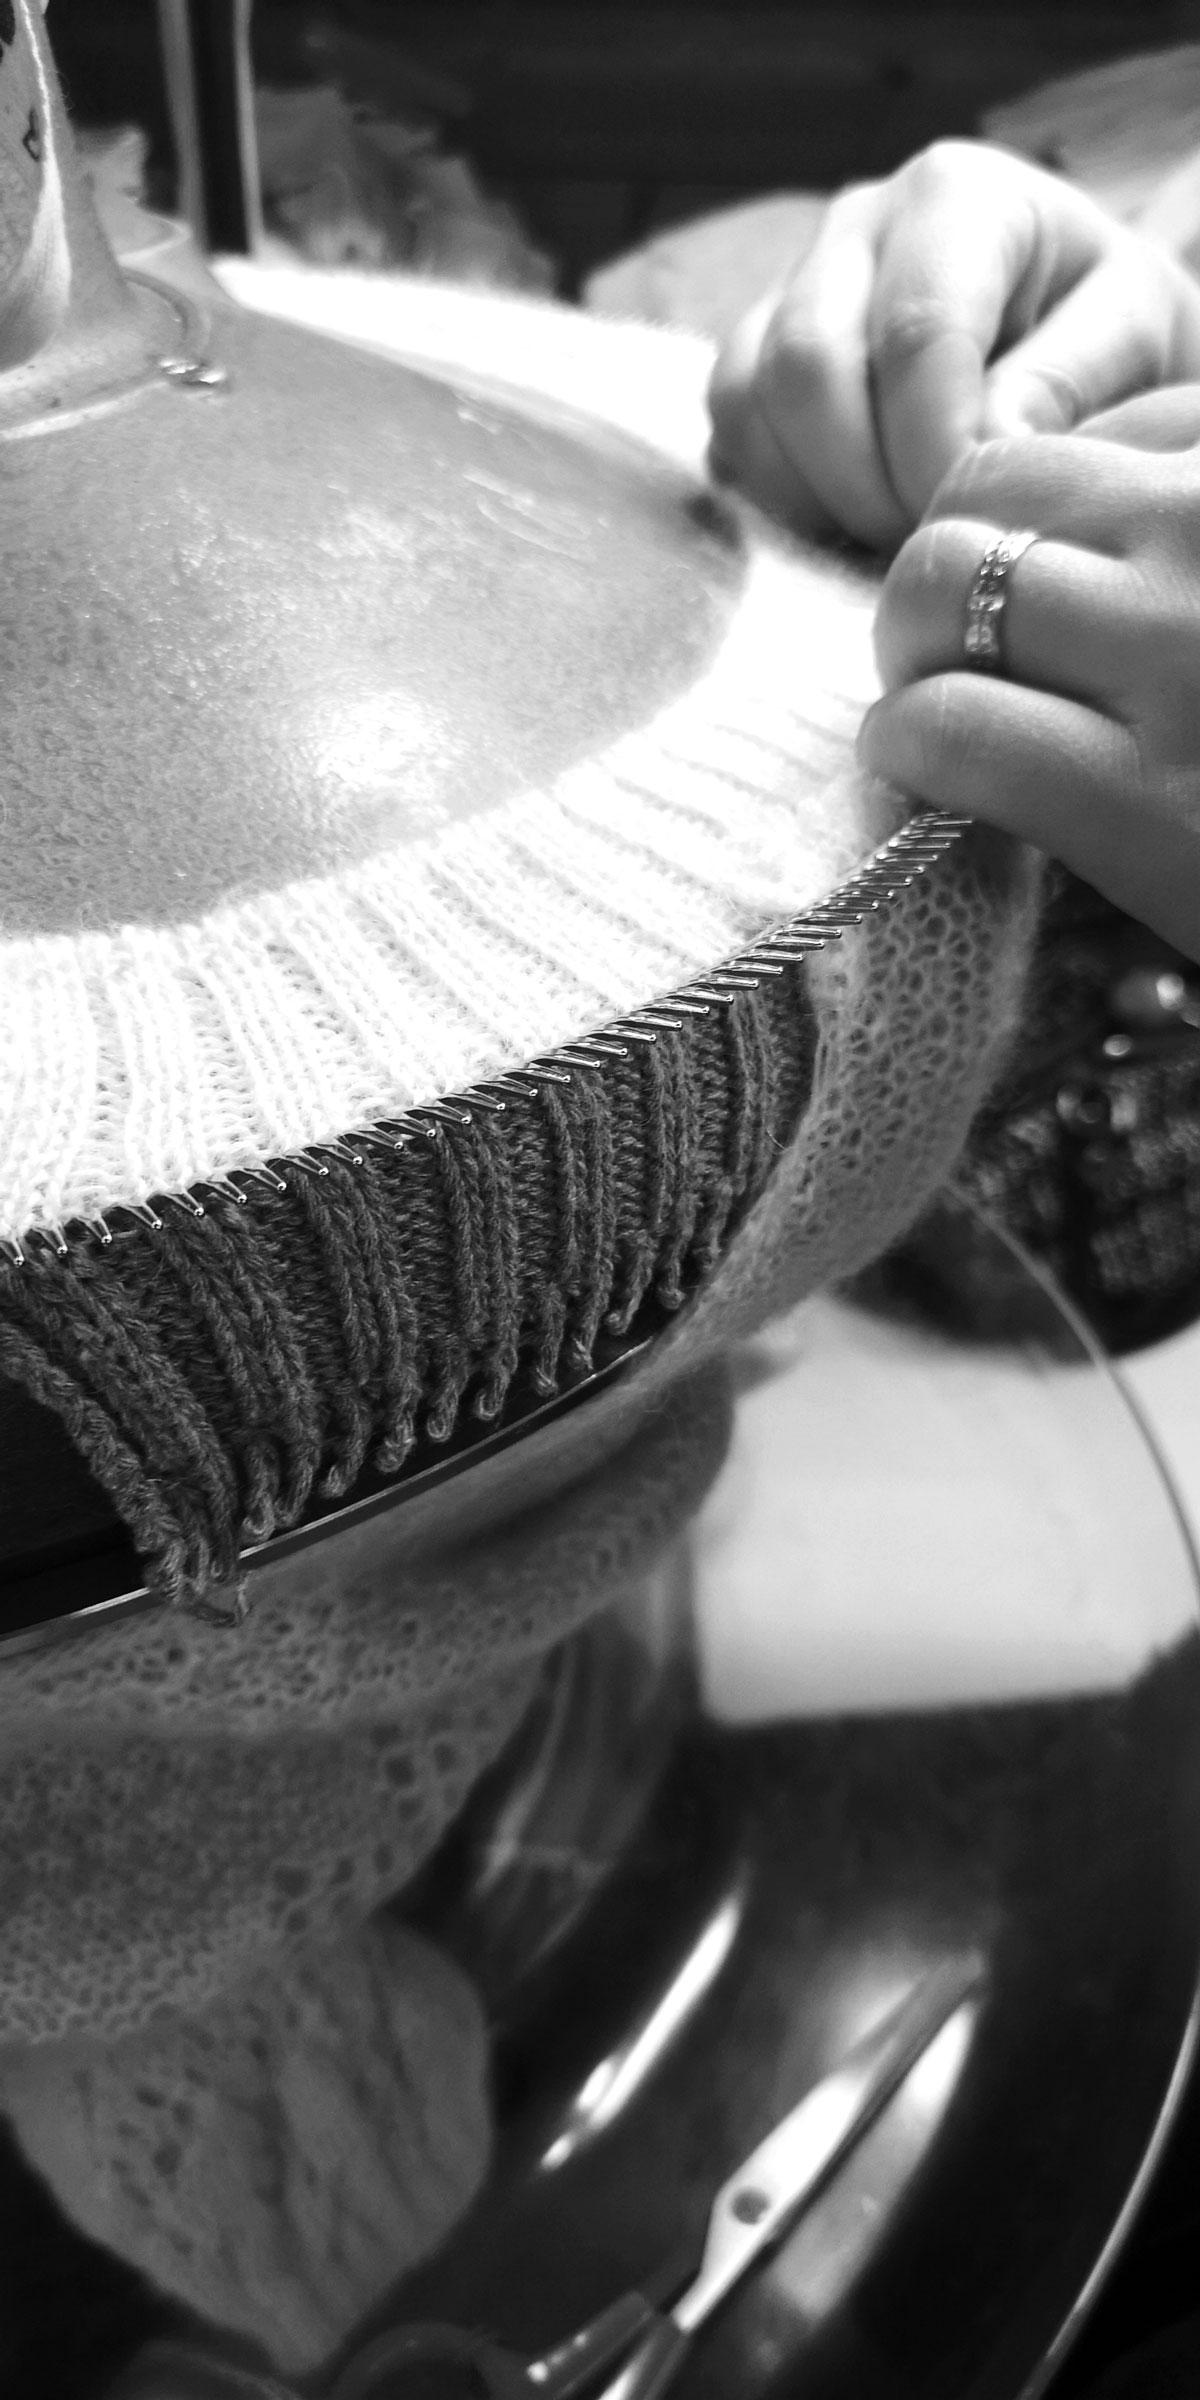 Remaillage à la main d'un col de pull tricoté à l'atelier Missègle dans le Tarn.